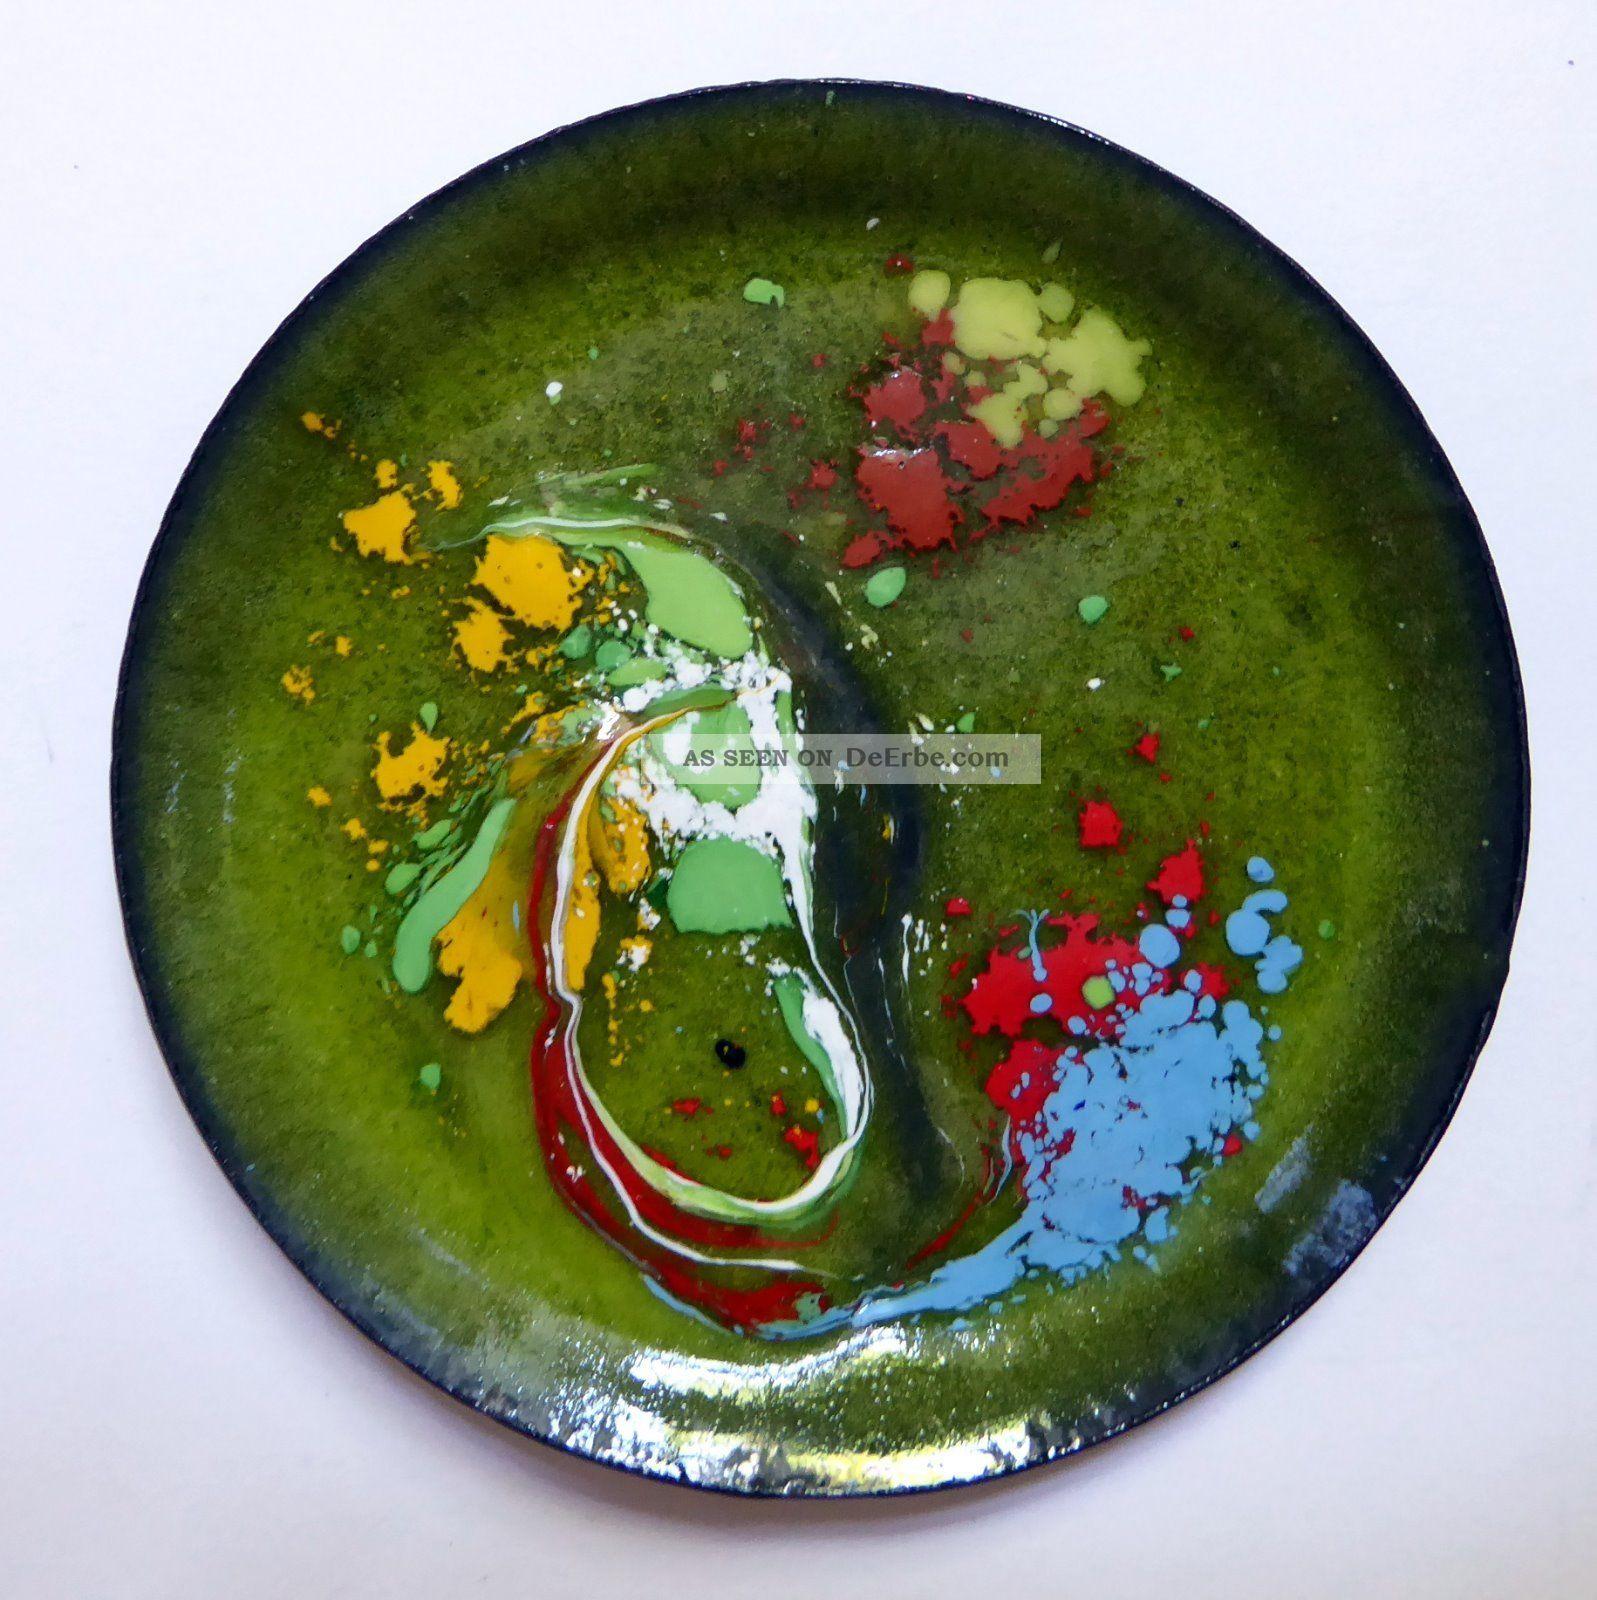 Emaille Untersetzer Teller,  60 - 70iger Jahre - Kult Handarbeit Grün Gelb Blau Rot 1970-1979 Bild